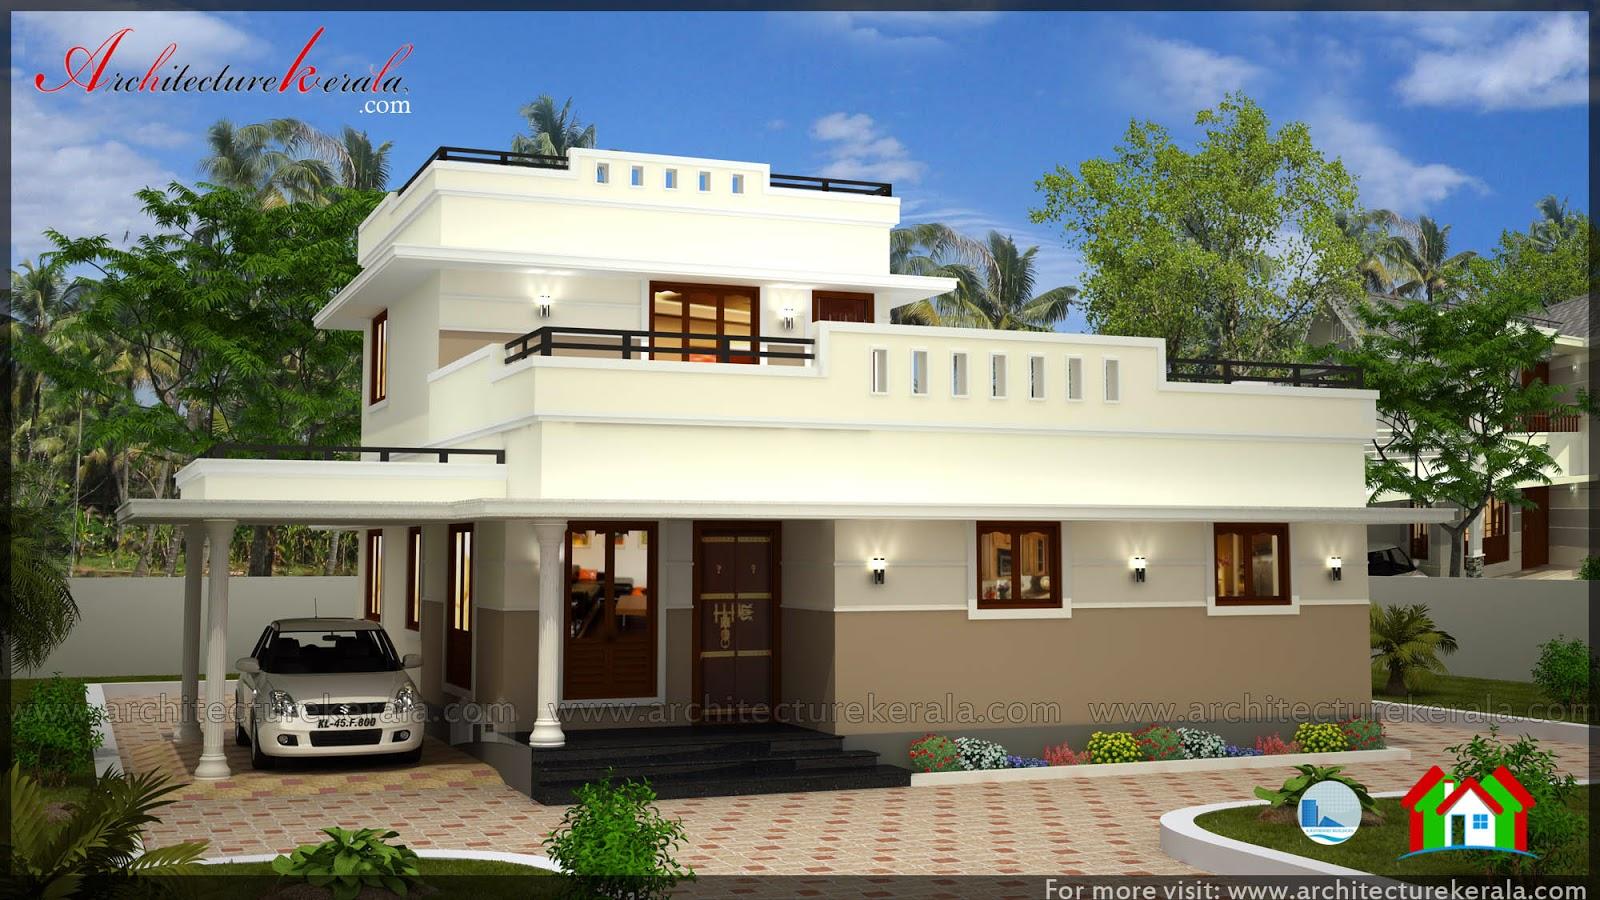 Kerala 23 north ernakulam - 2 2